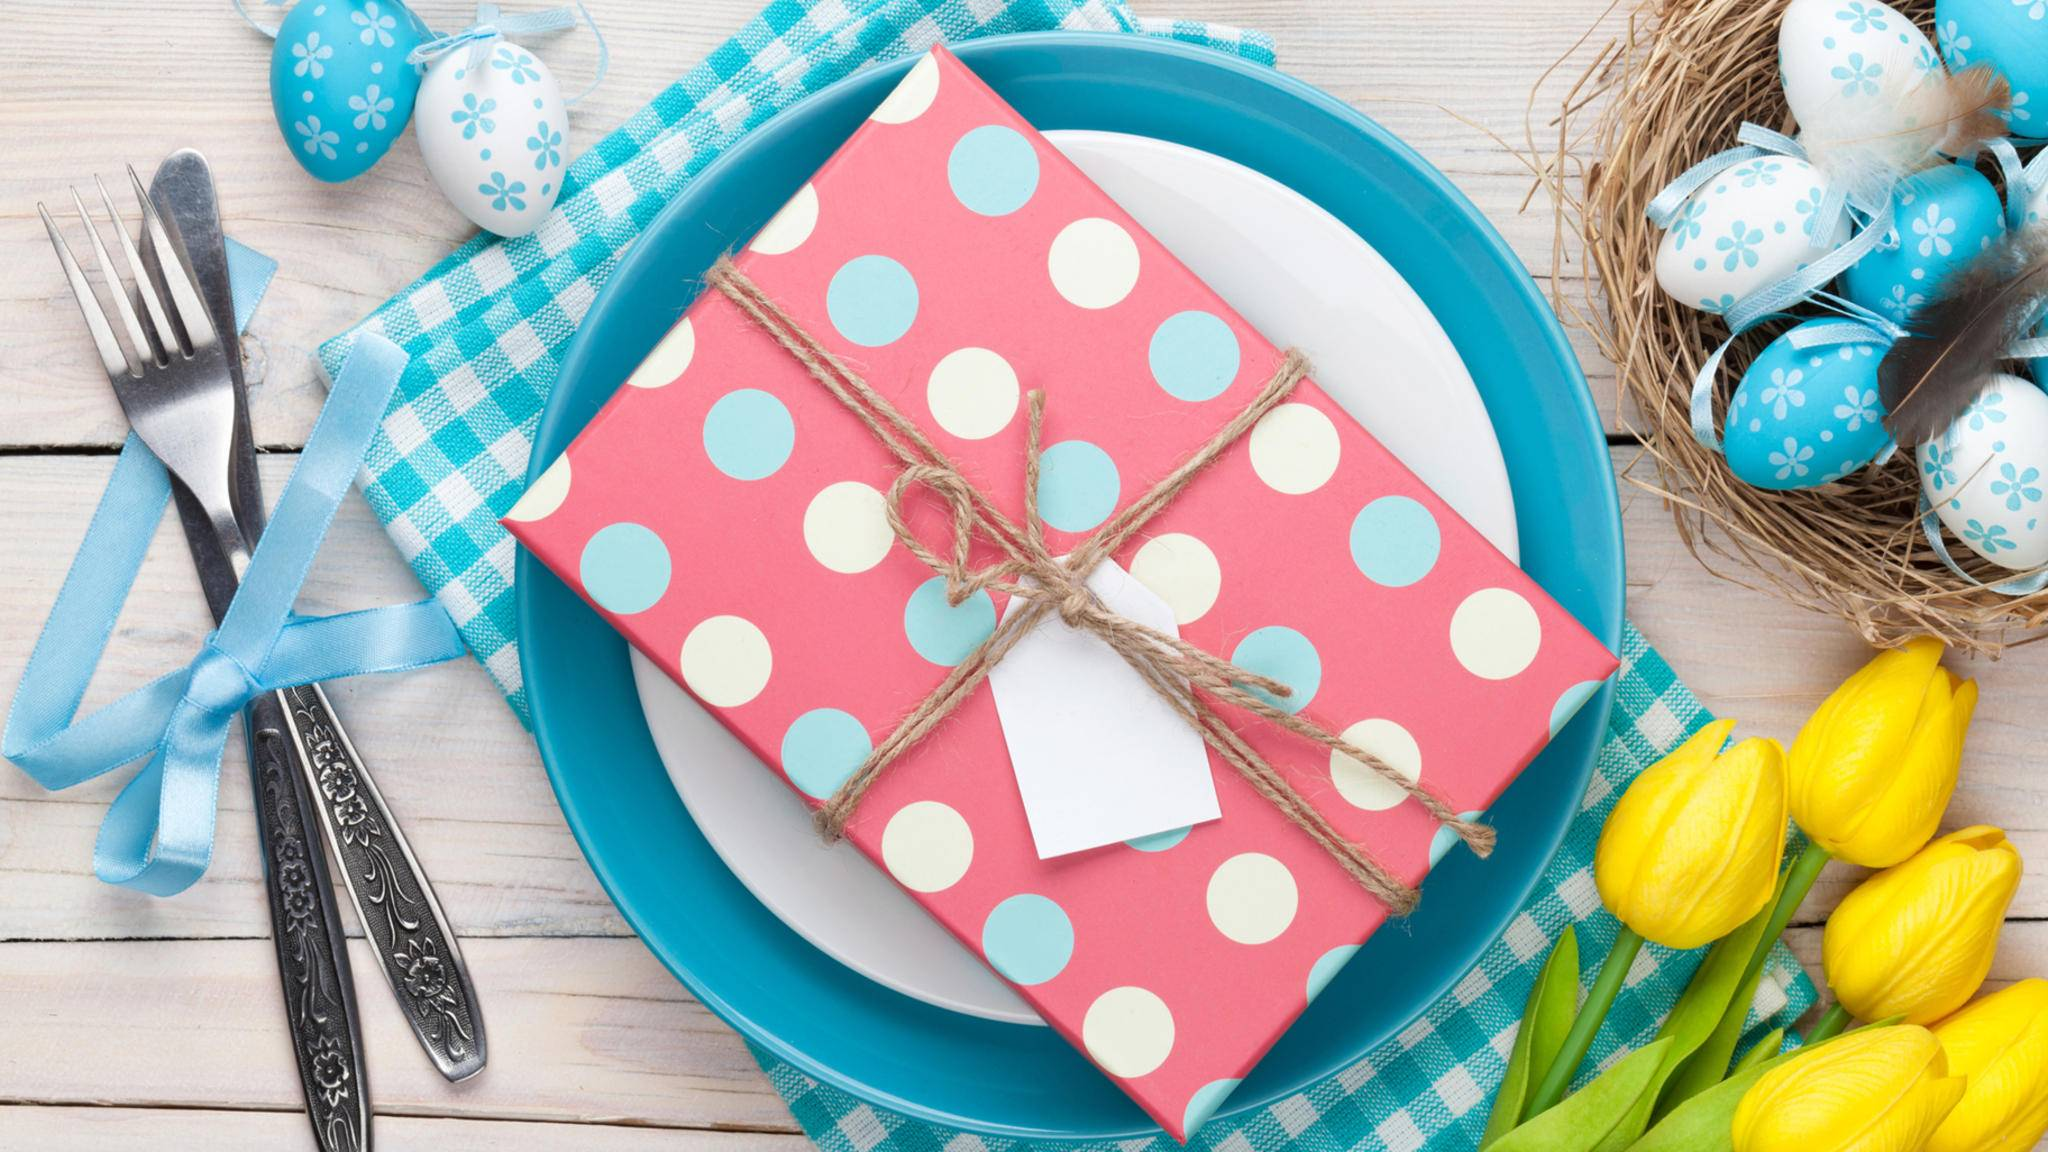 Ostergeschenke müssen sich nur aus Eiern oder Schokolade bestehen.